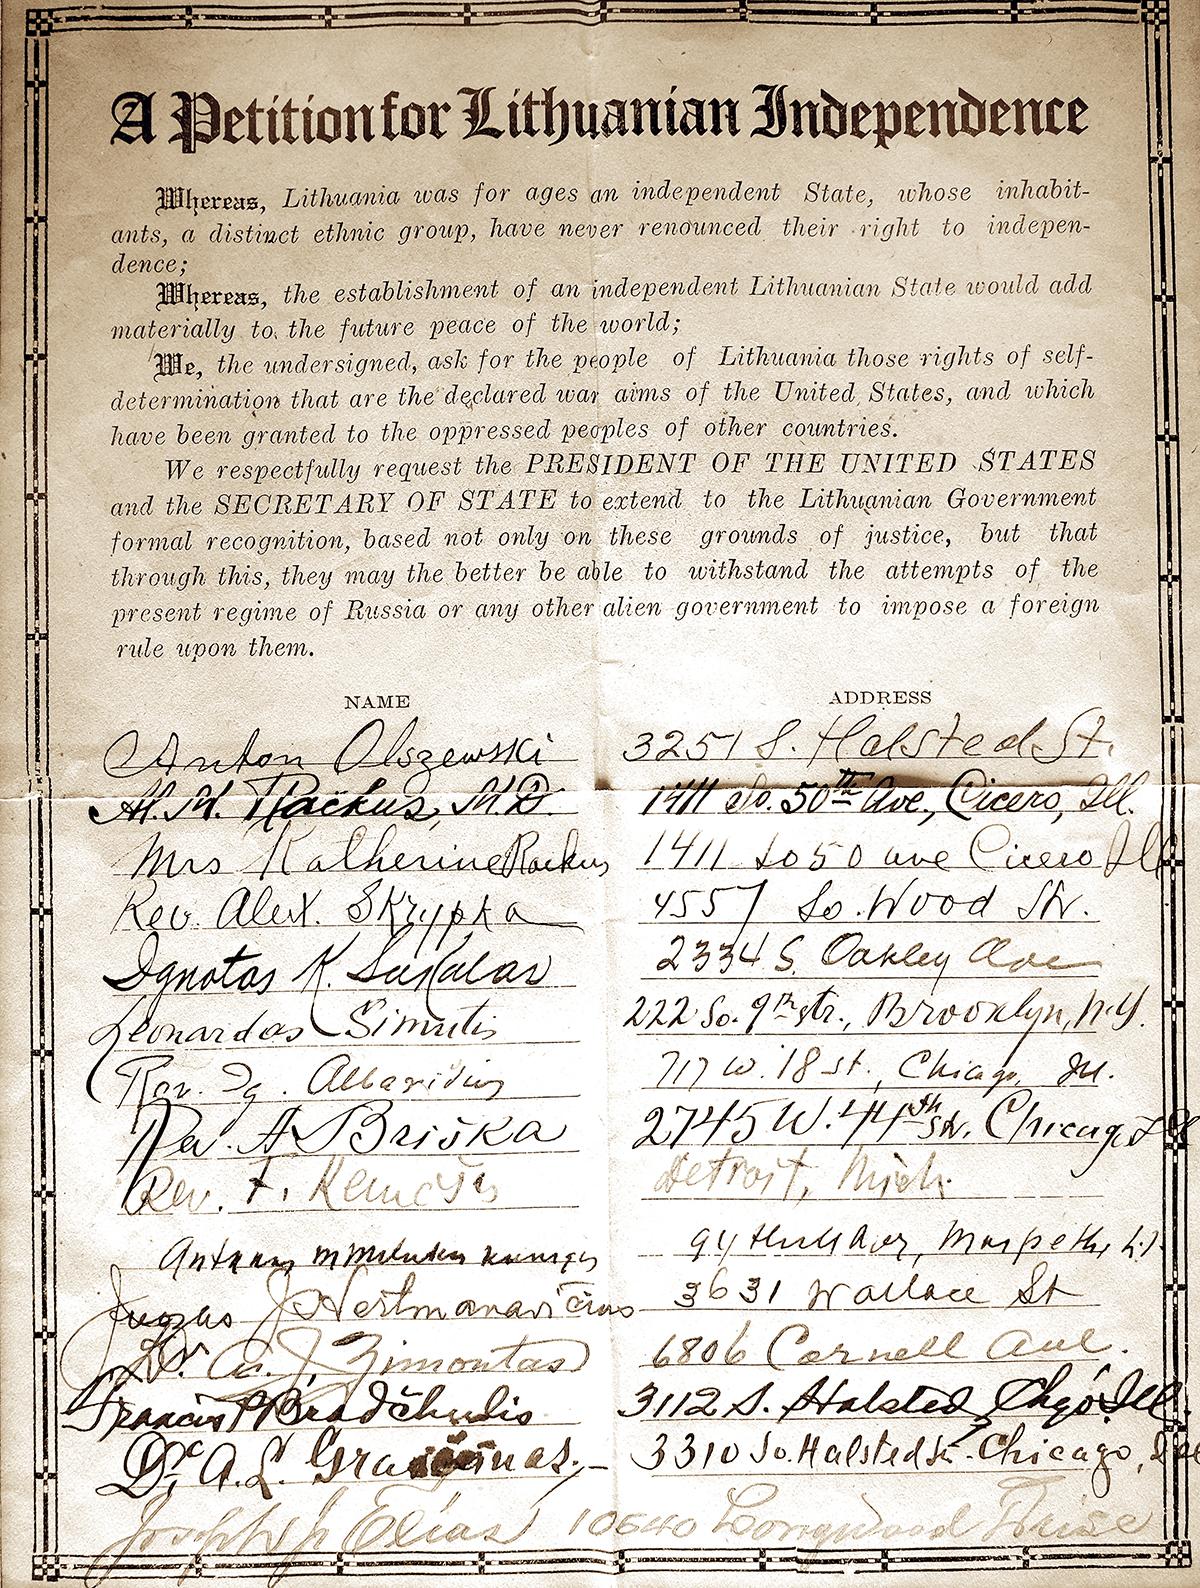 Iš milijono amerikiečių parašų po peticija už Lietuvos nepriklausomybę kol kas žinoma, kad yra likęs šis vienas originalus lapas su tuomet surinktais parašais.